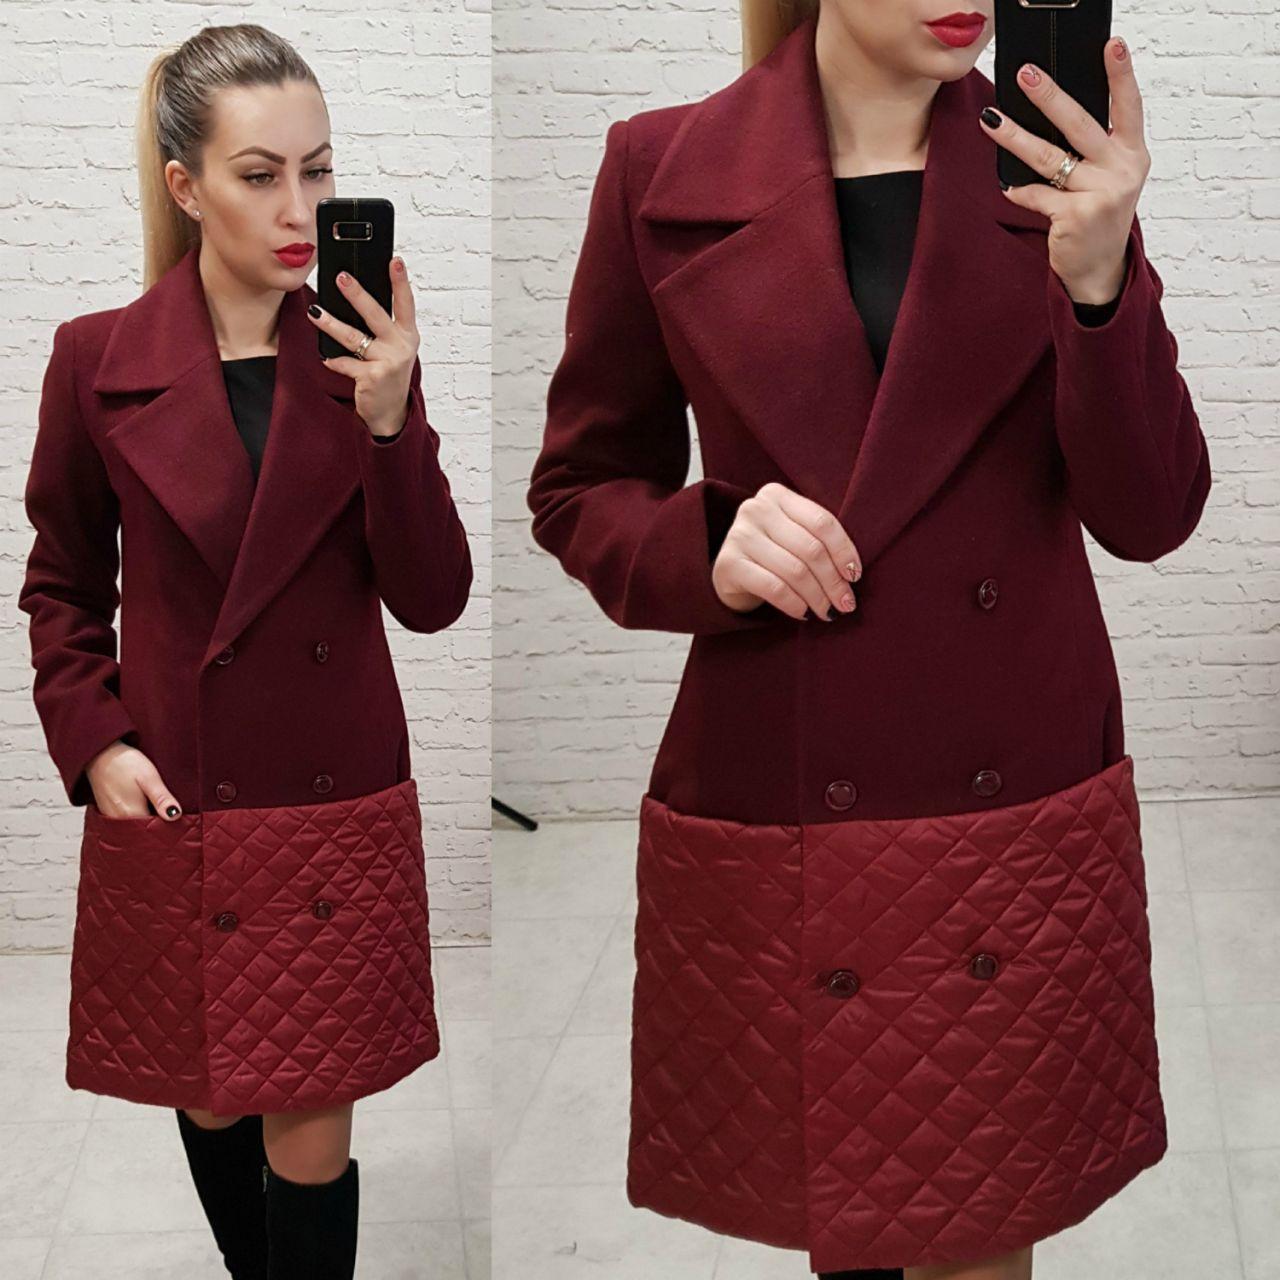 Пальто женское весна - осень арт. 140 марсала / вишня / бордо